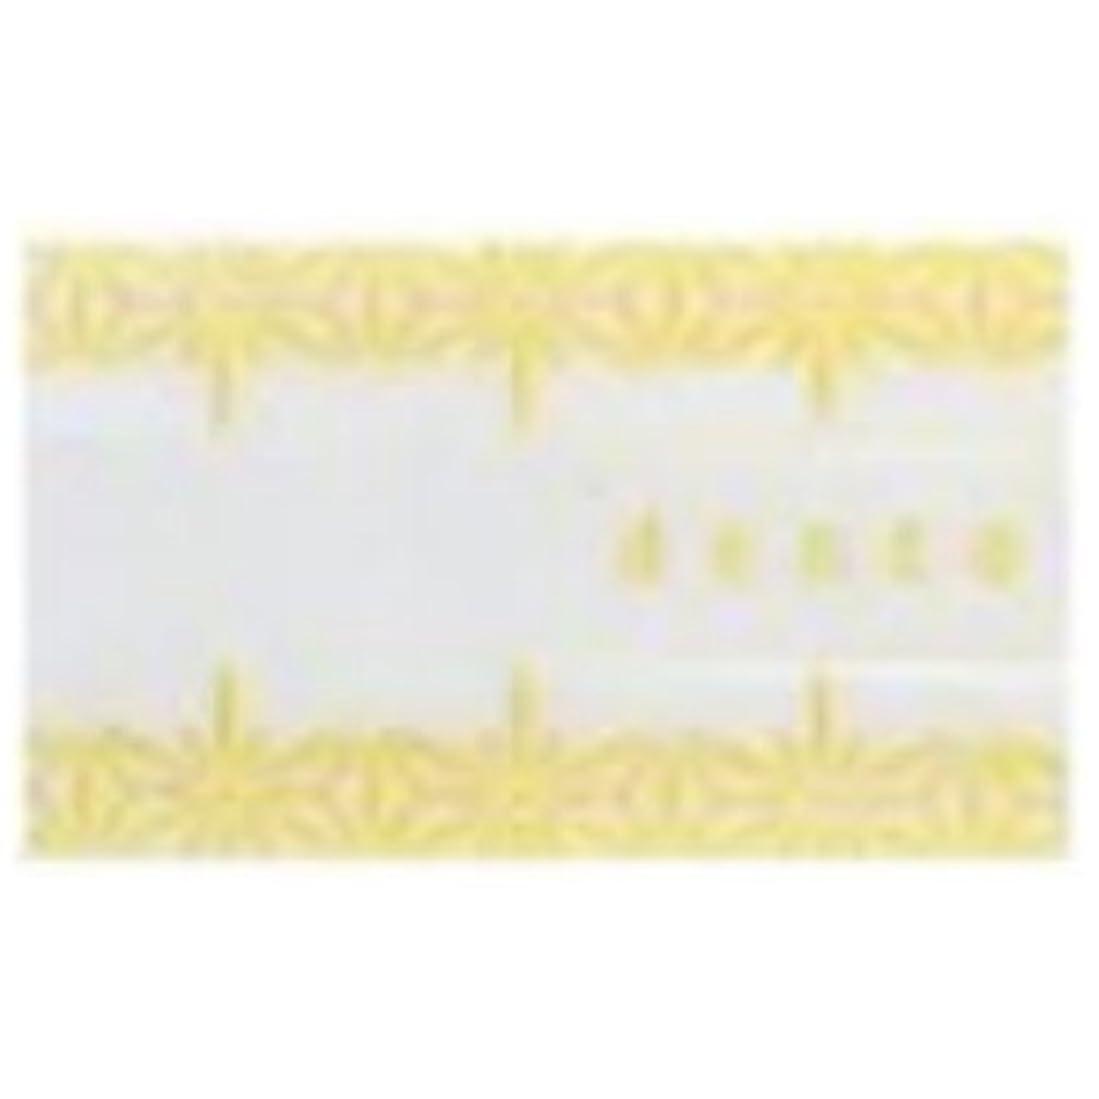 薫寿堂 紙のお香 美香 檀の香り 30枚入